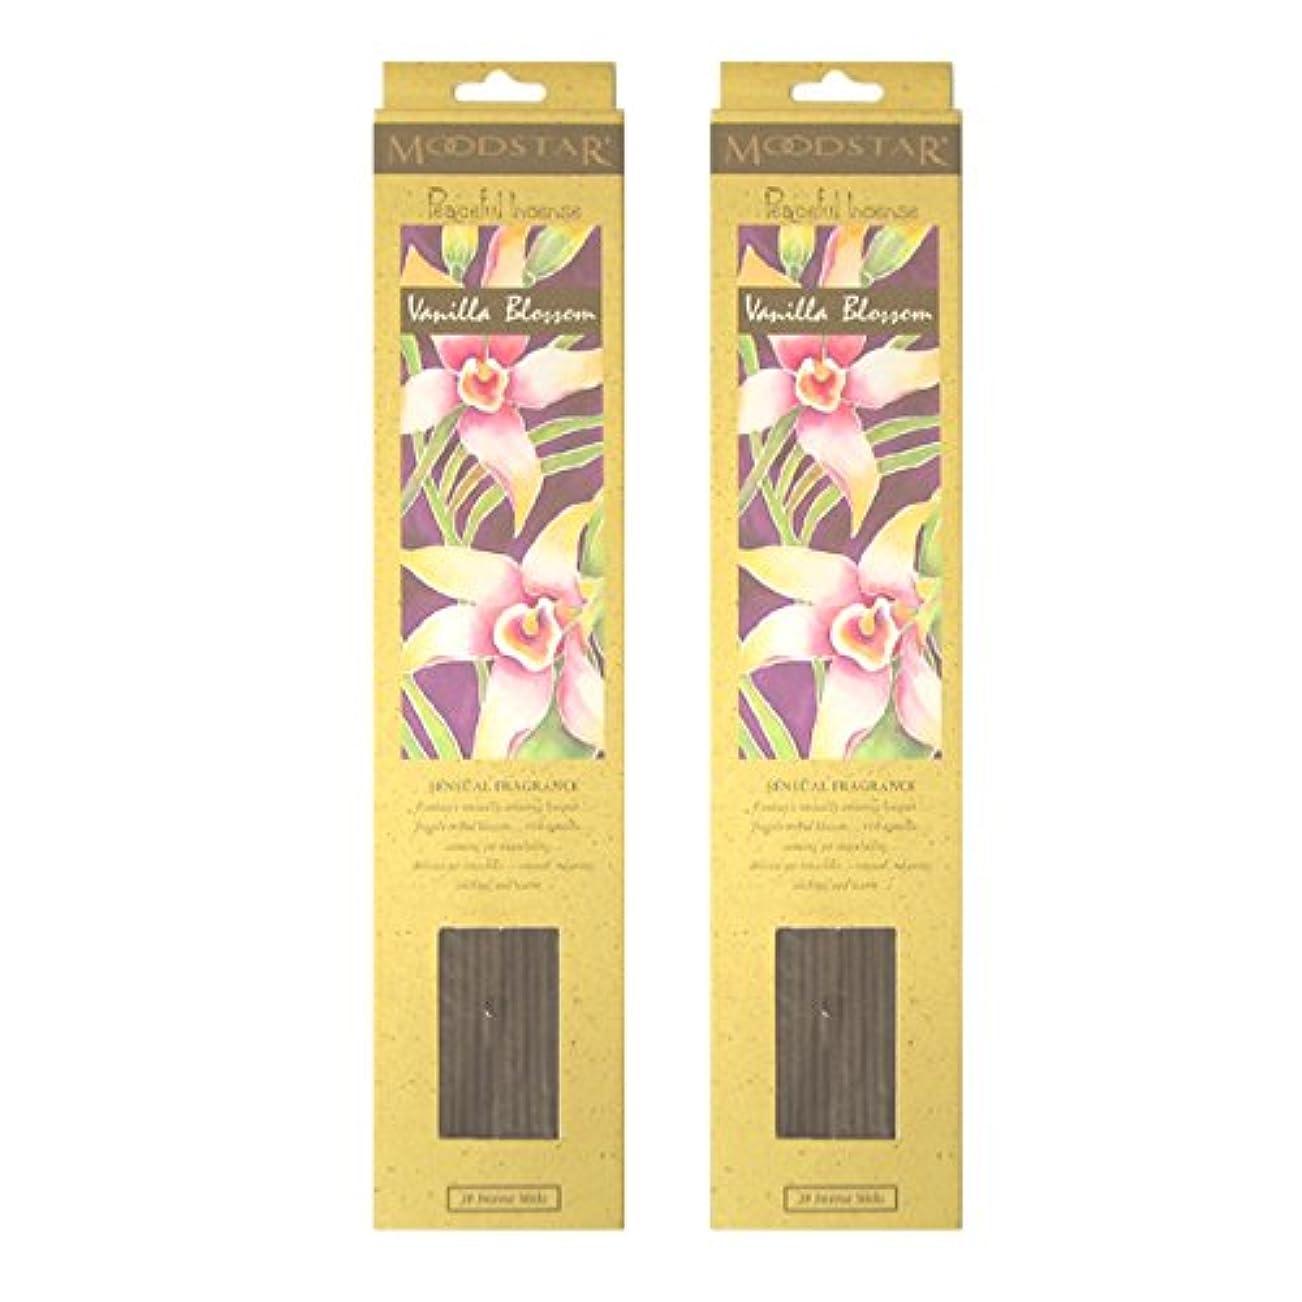 ゴールデンマルコポーロ取り壊すMOODSTAR ムードスター Vanilla Blossom バニラ?ブロッサム お香 20本 X 2パック (40本)